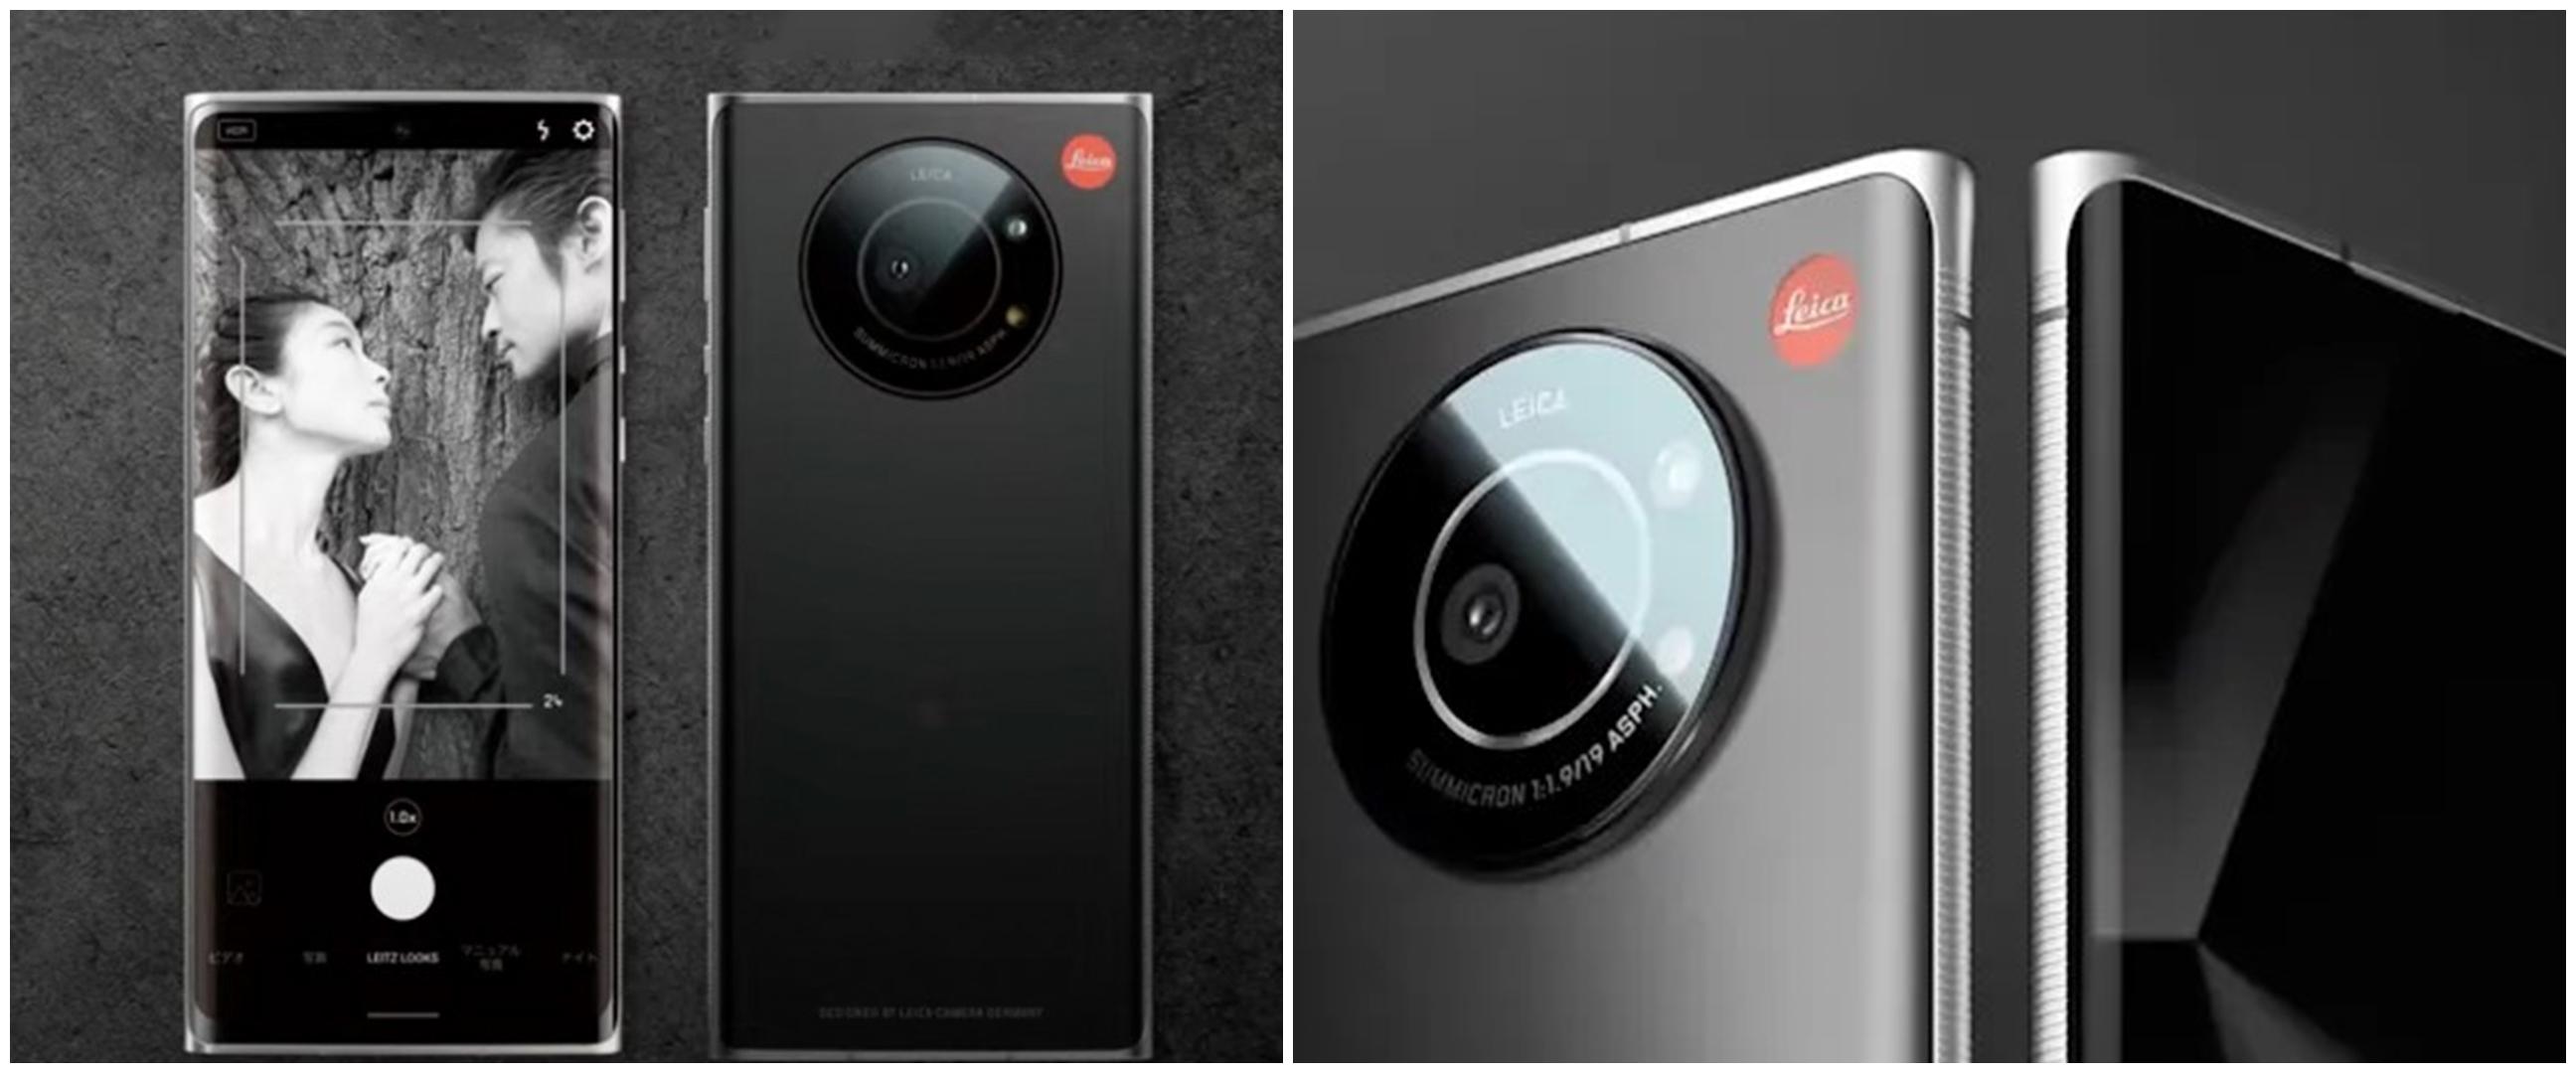 Harga HP Leica Leitz Phone 1, spesifikasi, kelebihan, dan kekurangan